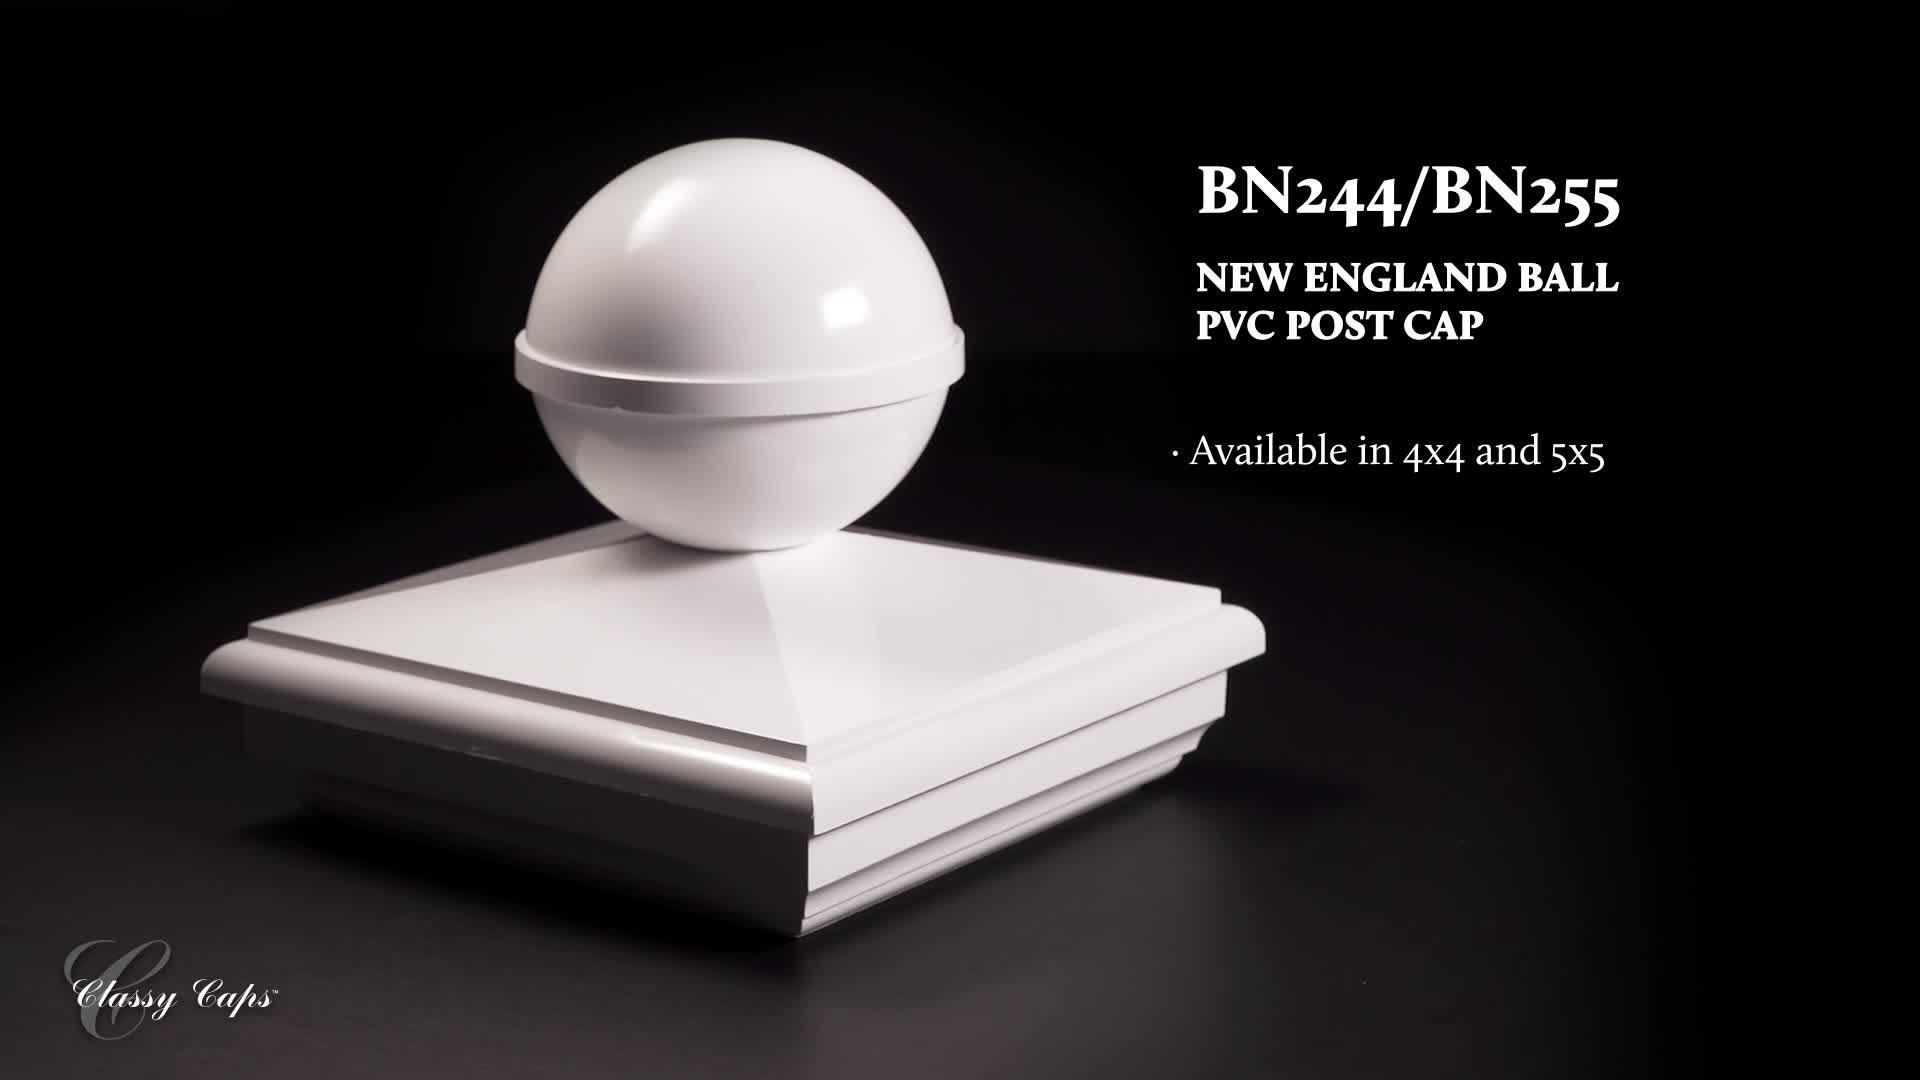 bn244-bn255.jpg